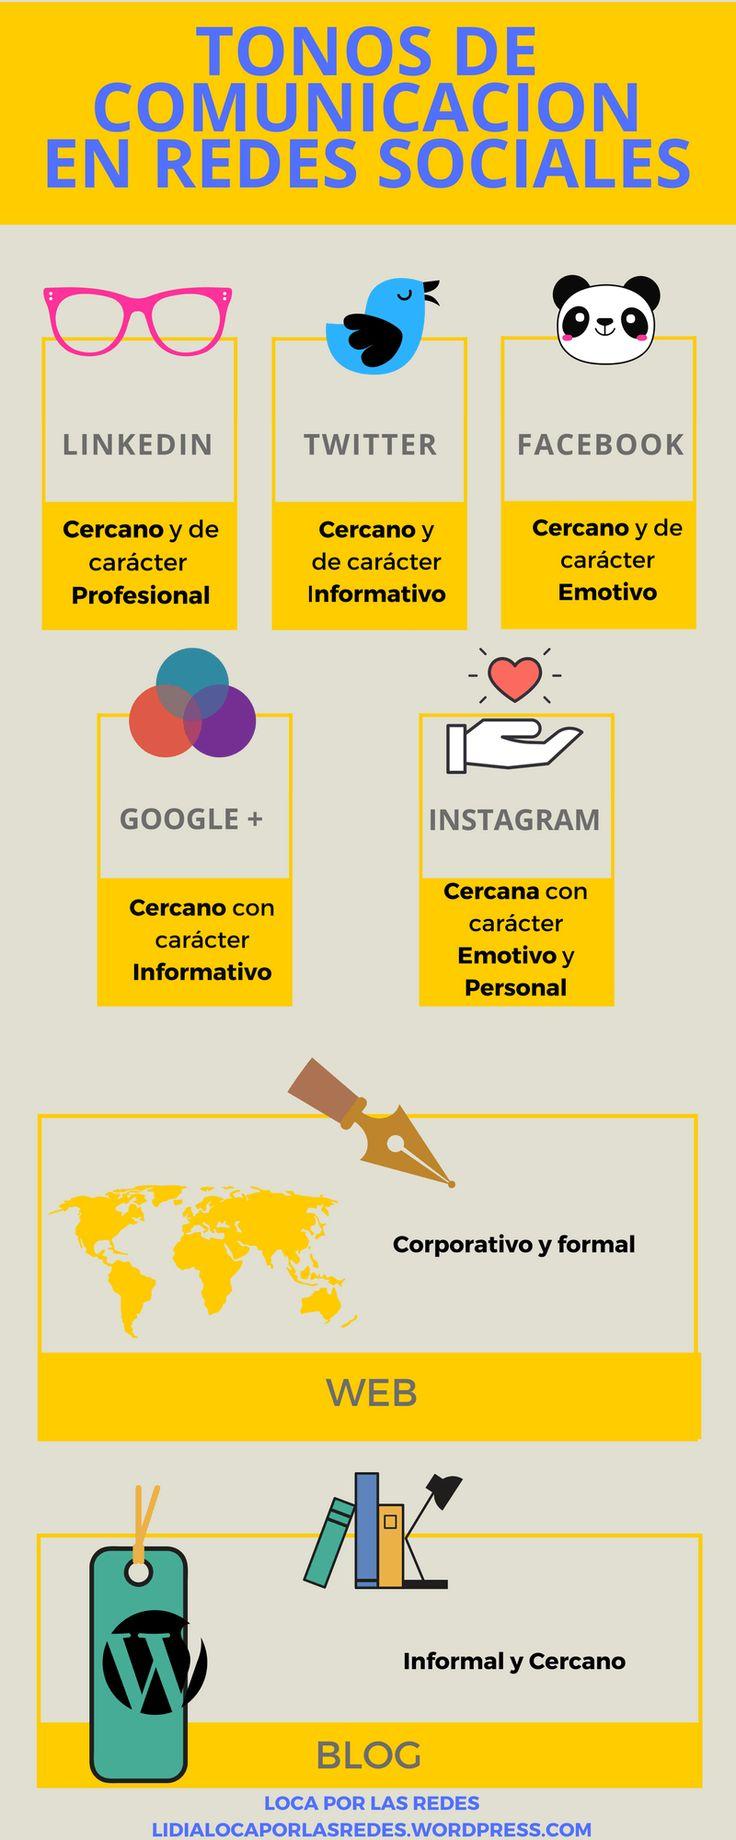 Tono de comunicación adecuado para cada red social